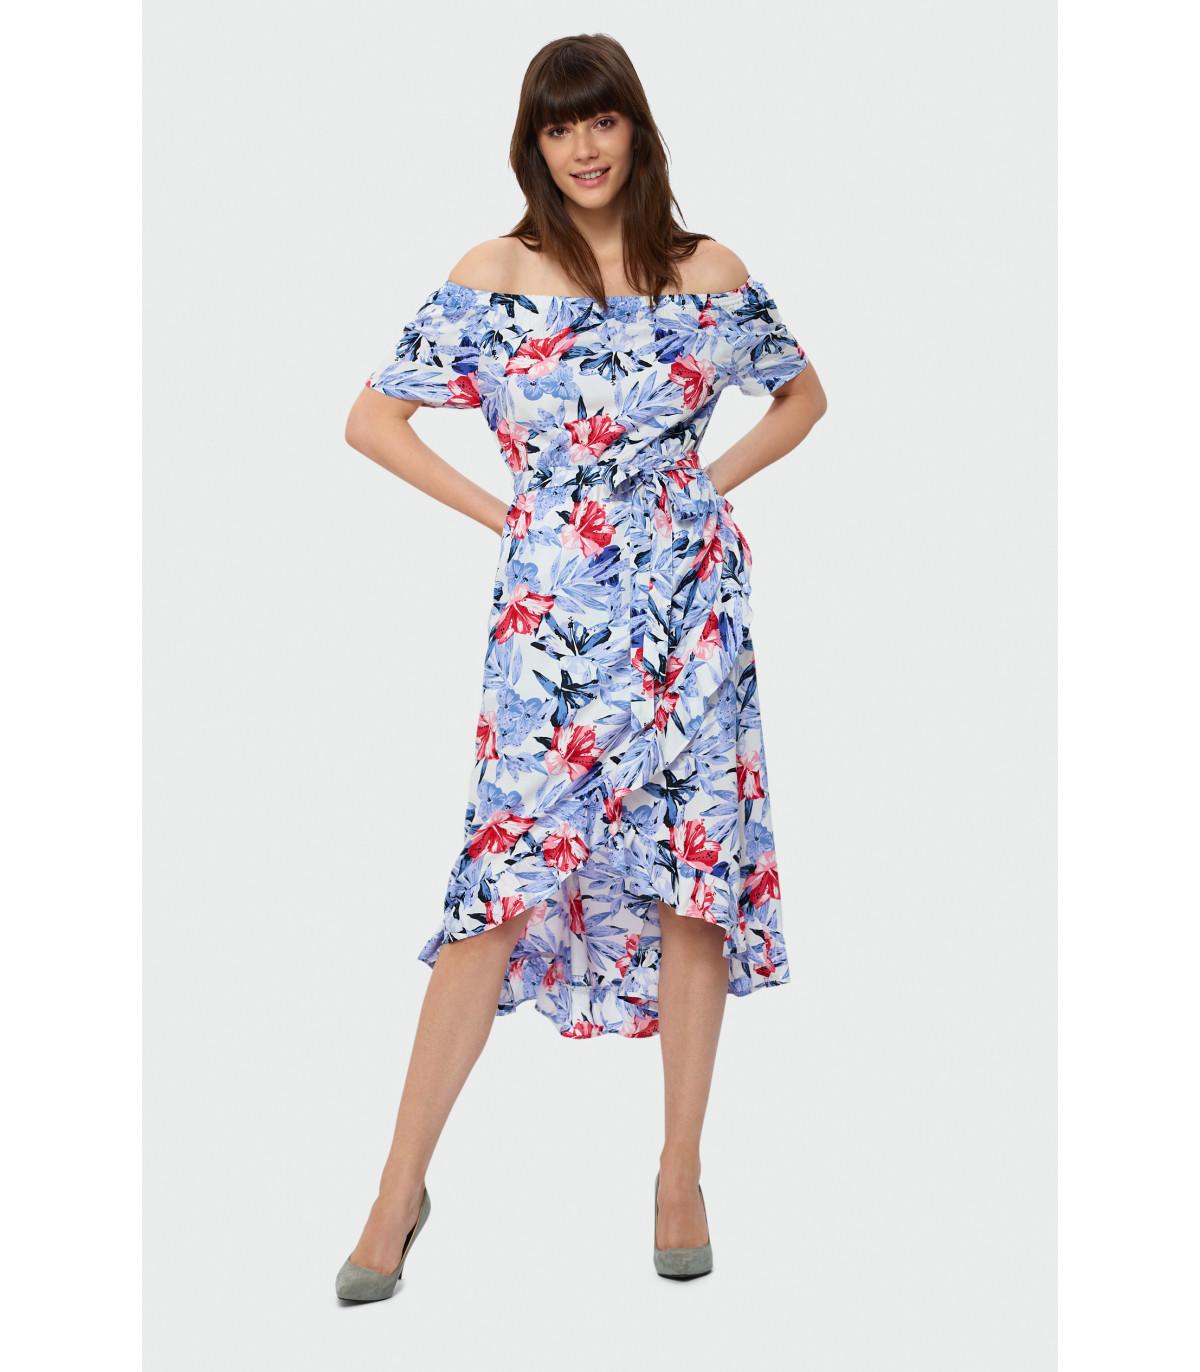 52e3ed18b0 Wzorzysta sukienka z falbaną Rozmiar 38 Kolor S19FLW82